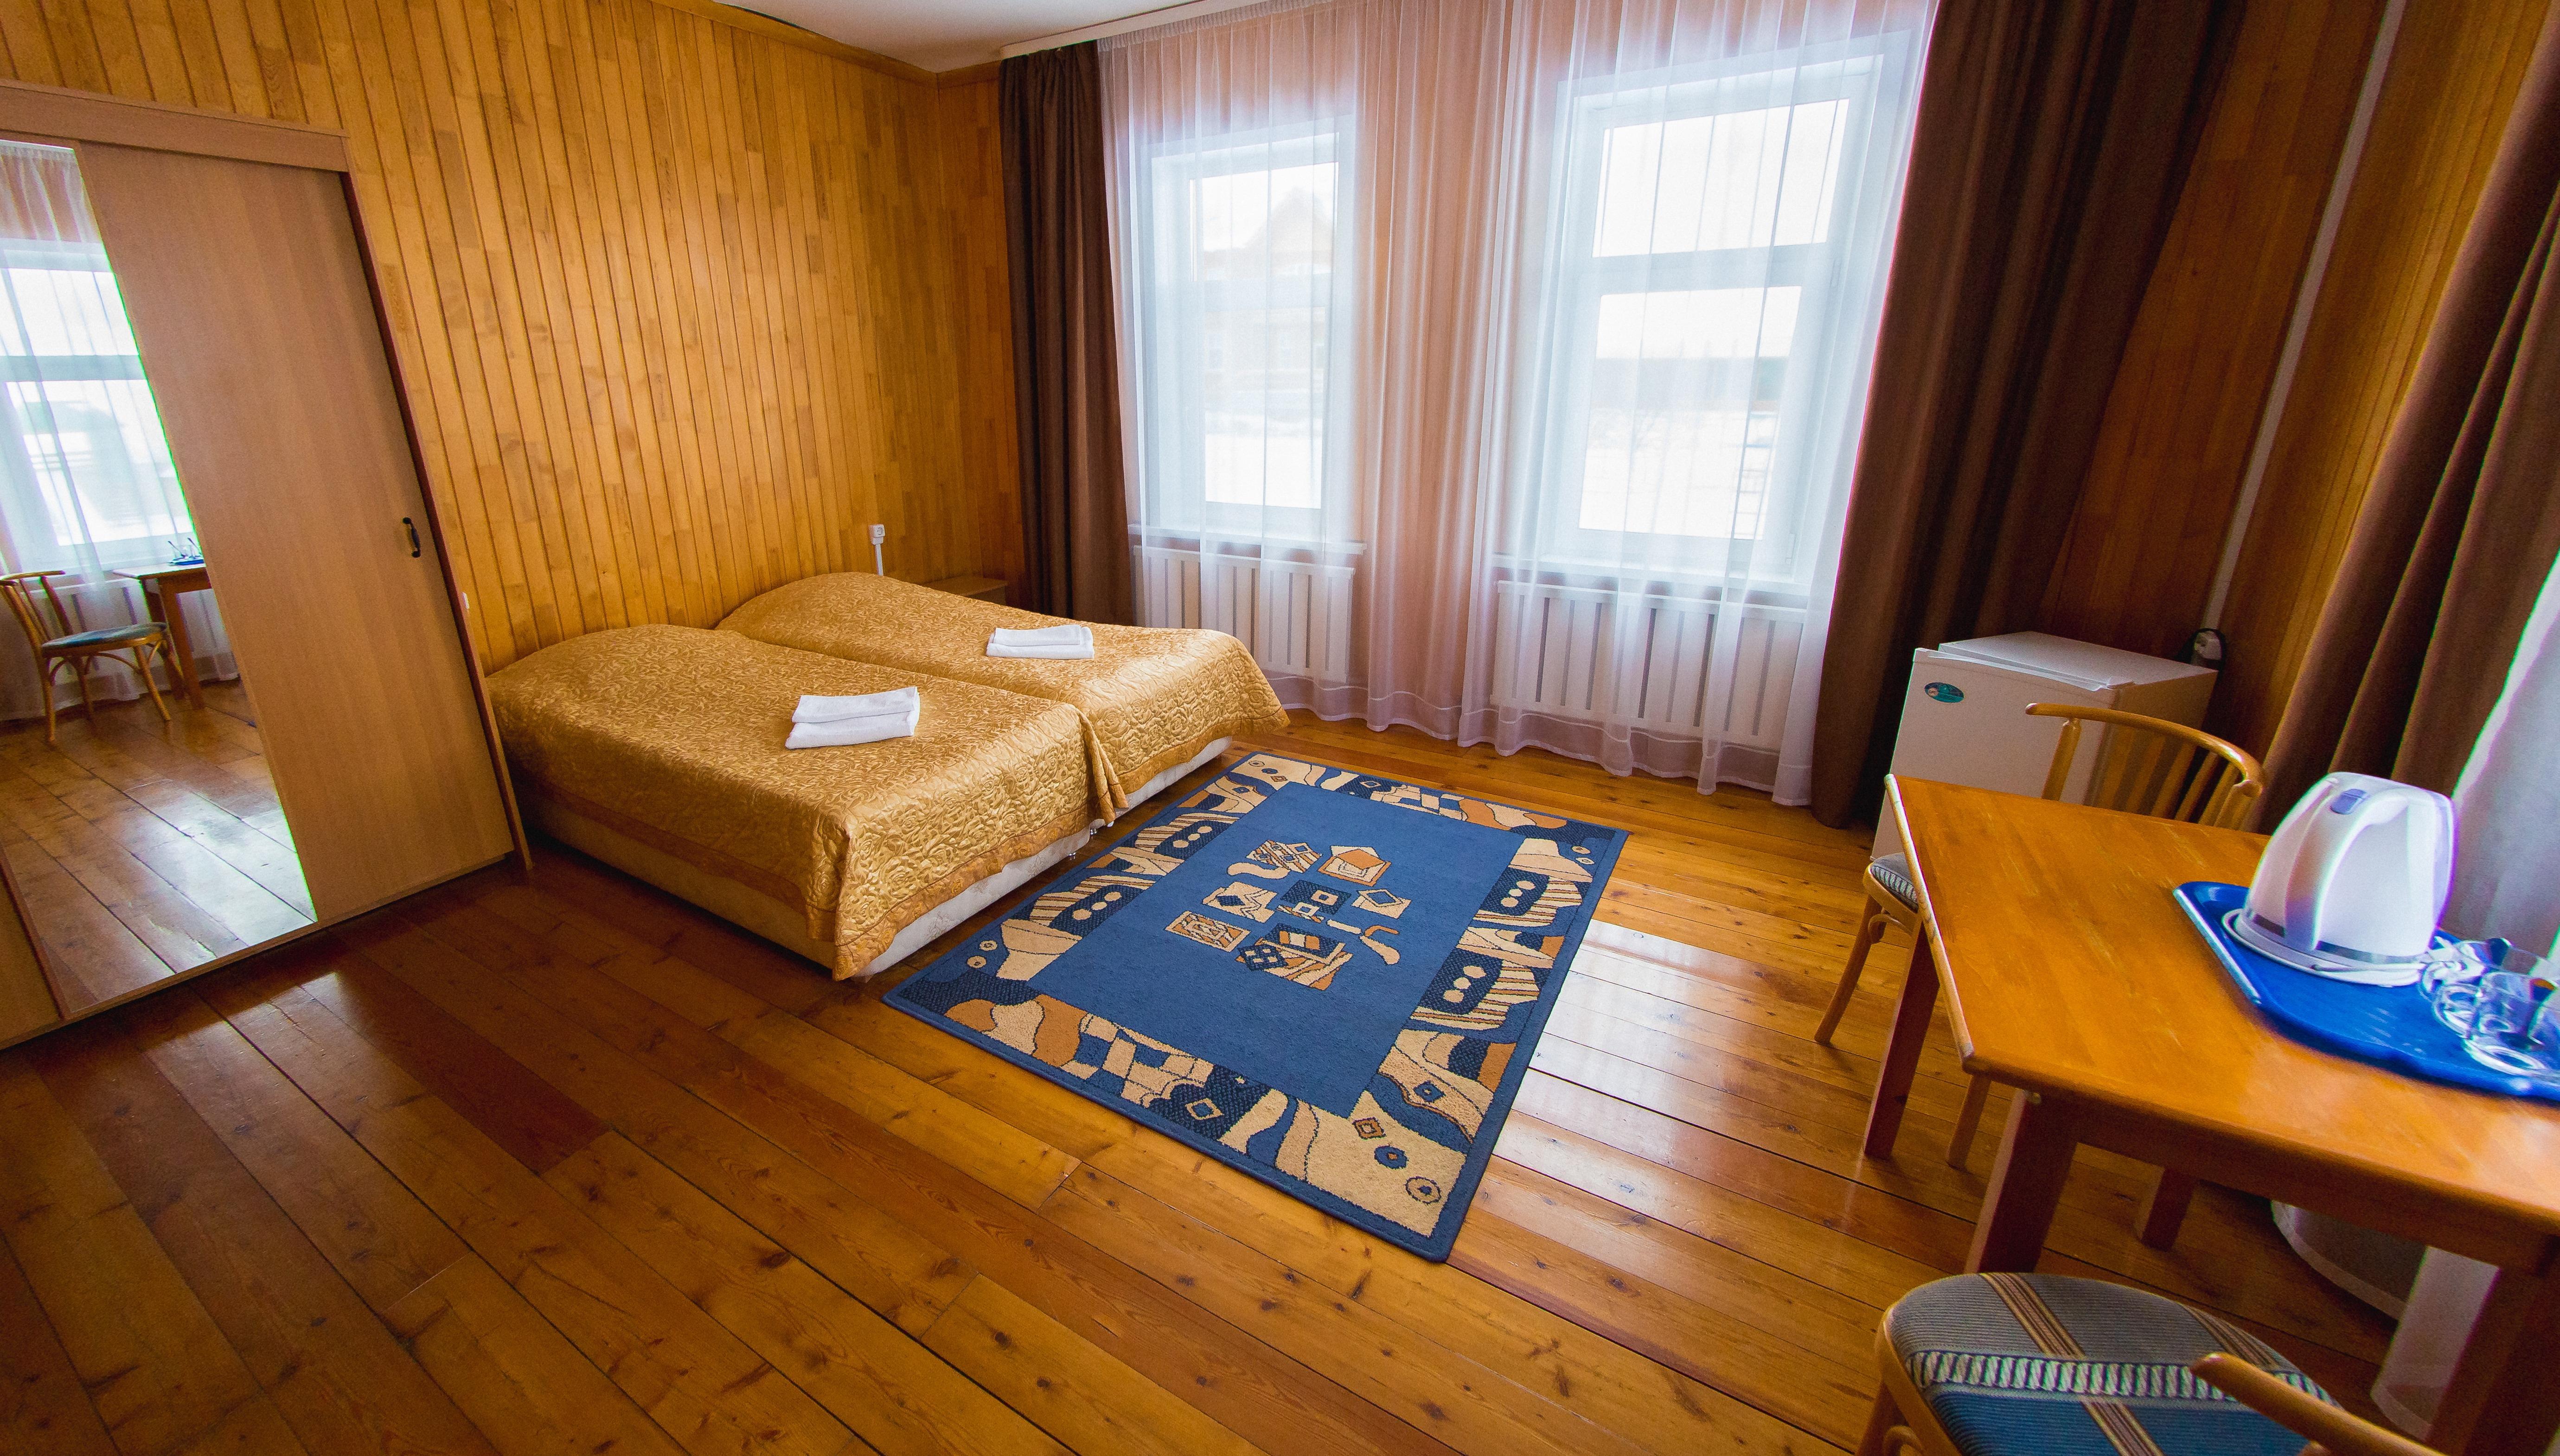 Первую социальную гостиницу открыли в поселке Эгвекинот на Чукотке